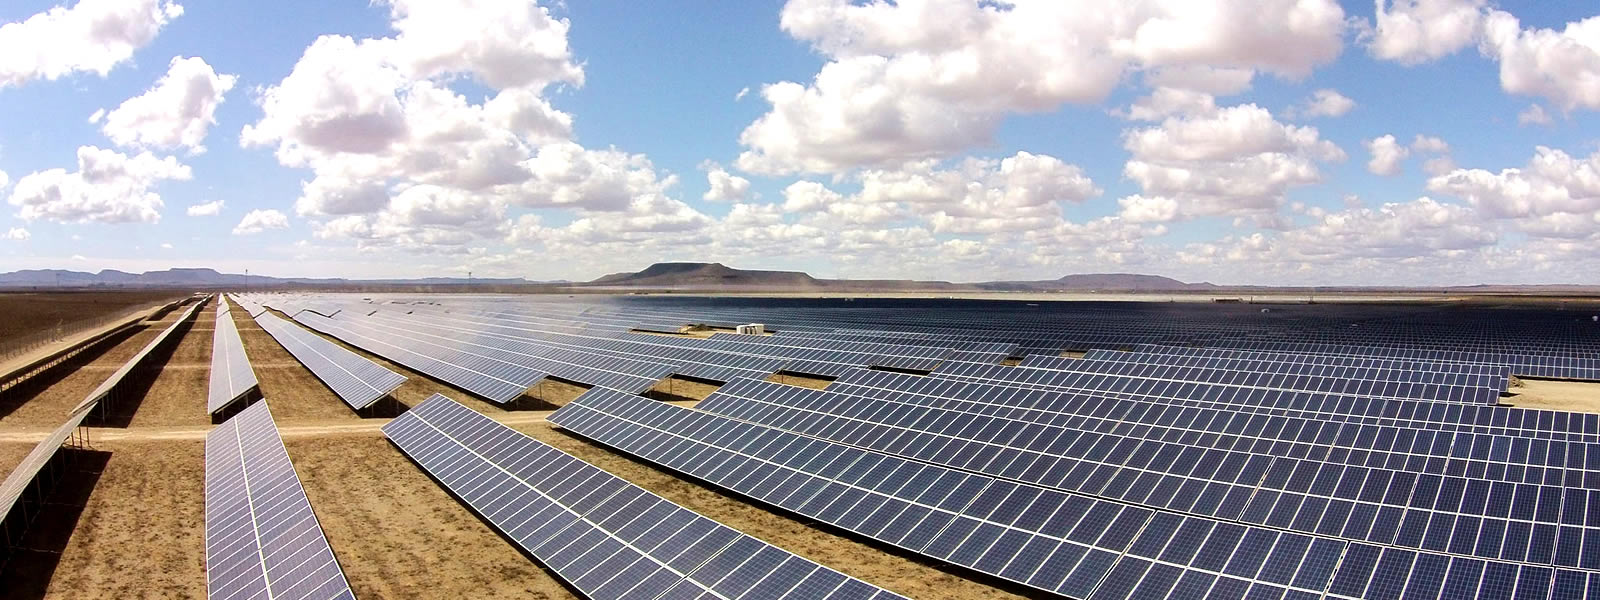 De Aar 3 (1600w) (credit - Phelan Energy Group).jpg